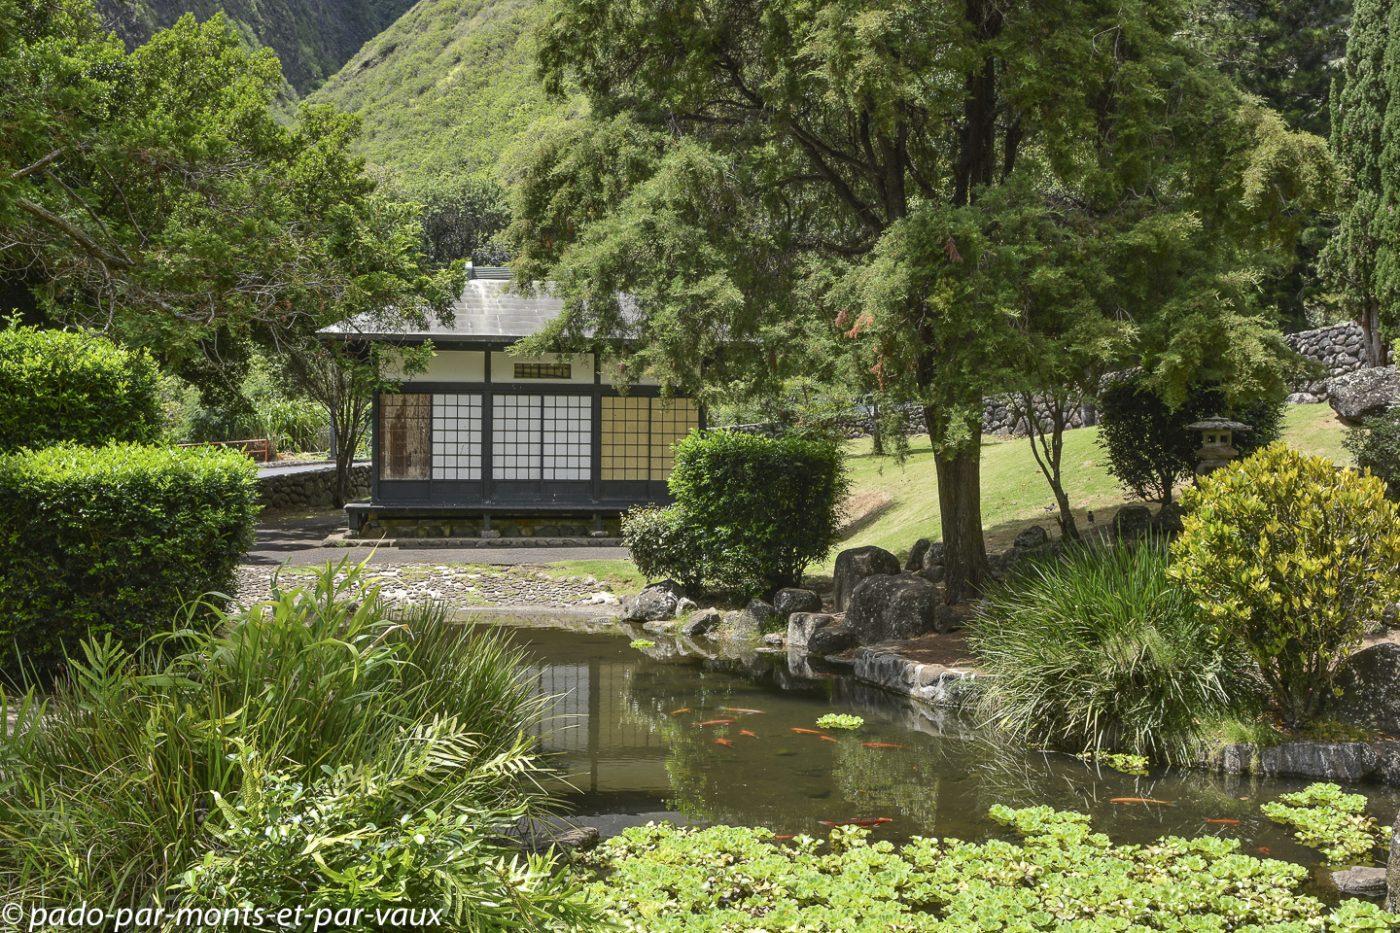 Maui - Kepaniwai heritage gardens